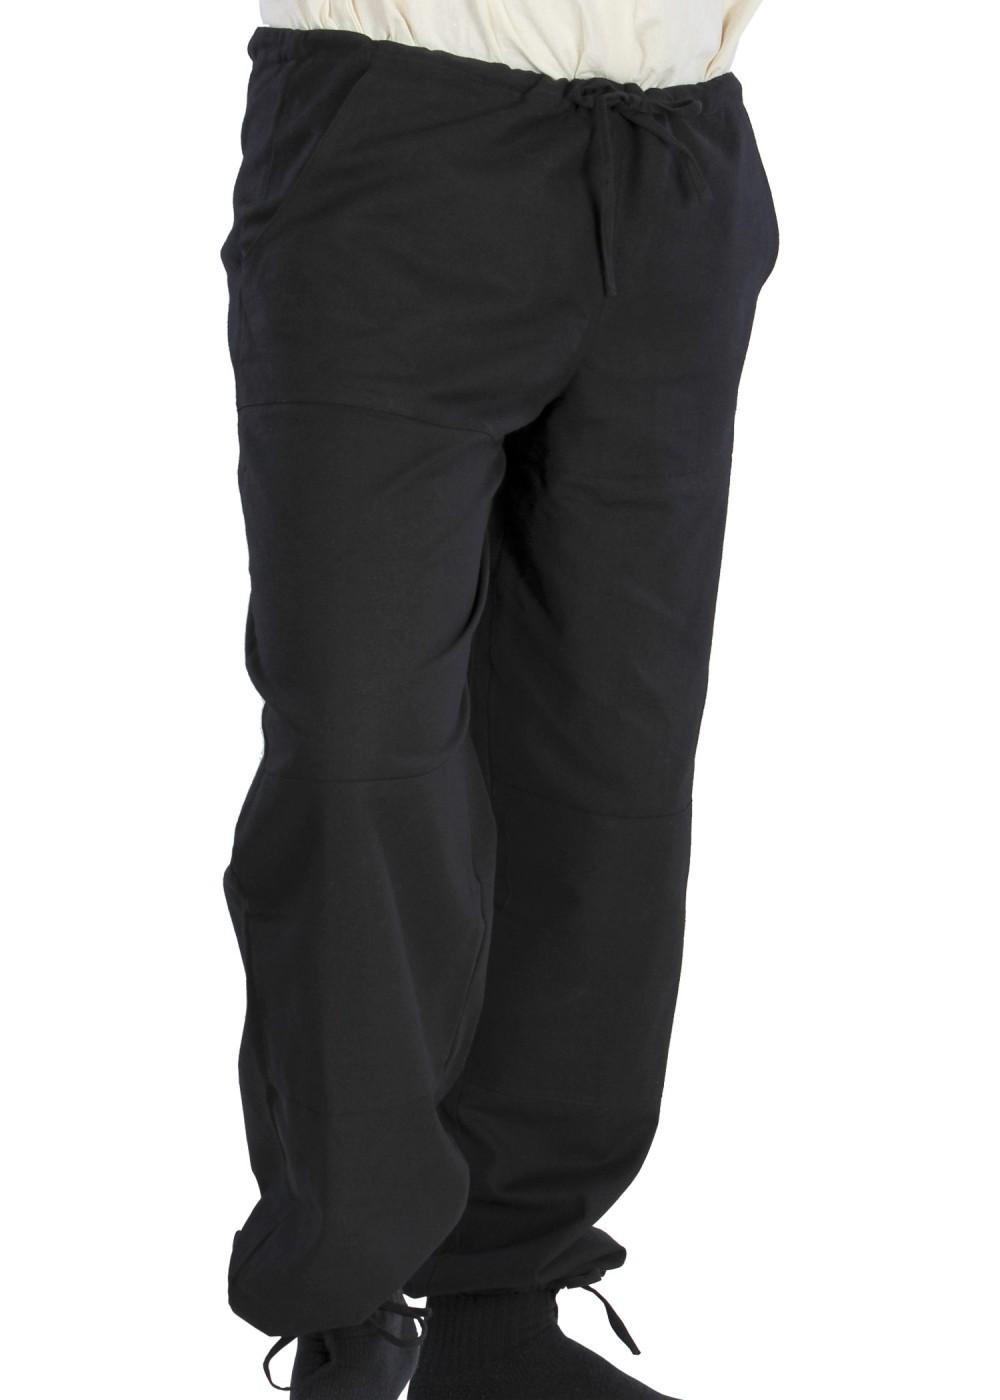 Keskiaikaiset housut musta